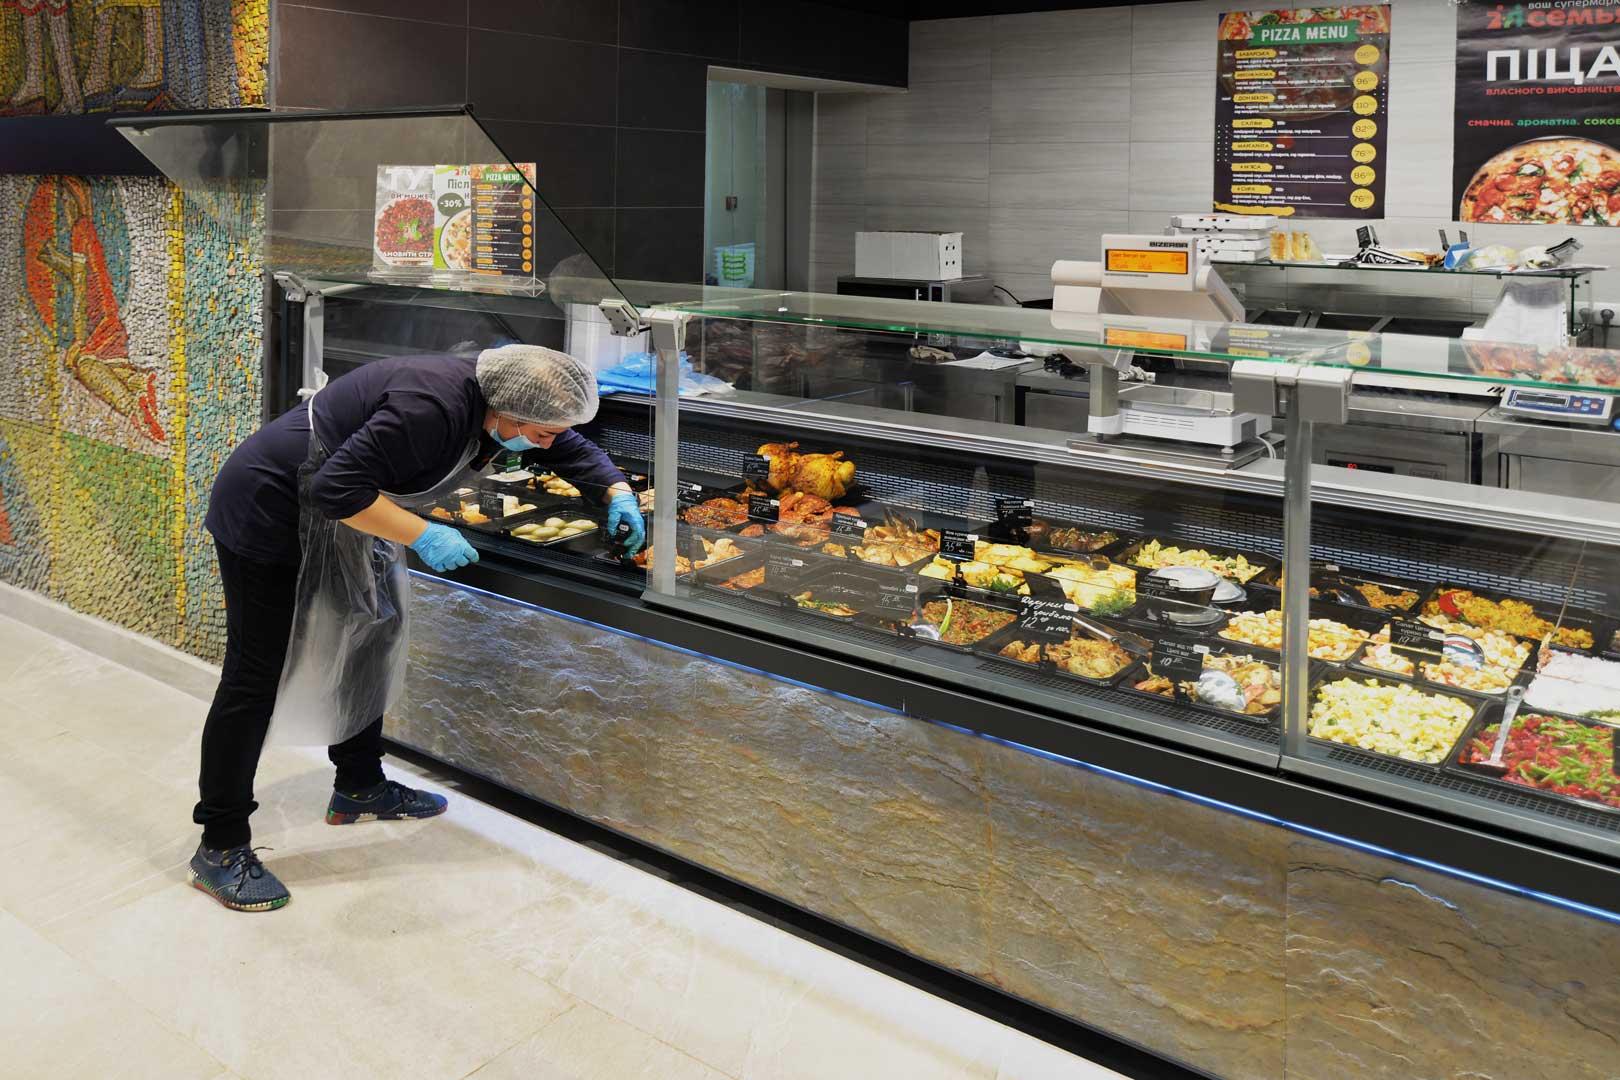 Refrigerated counters Missouri MC 120 deli PS